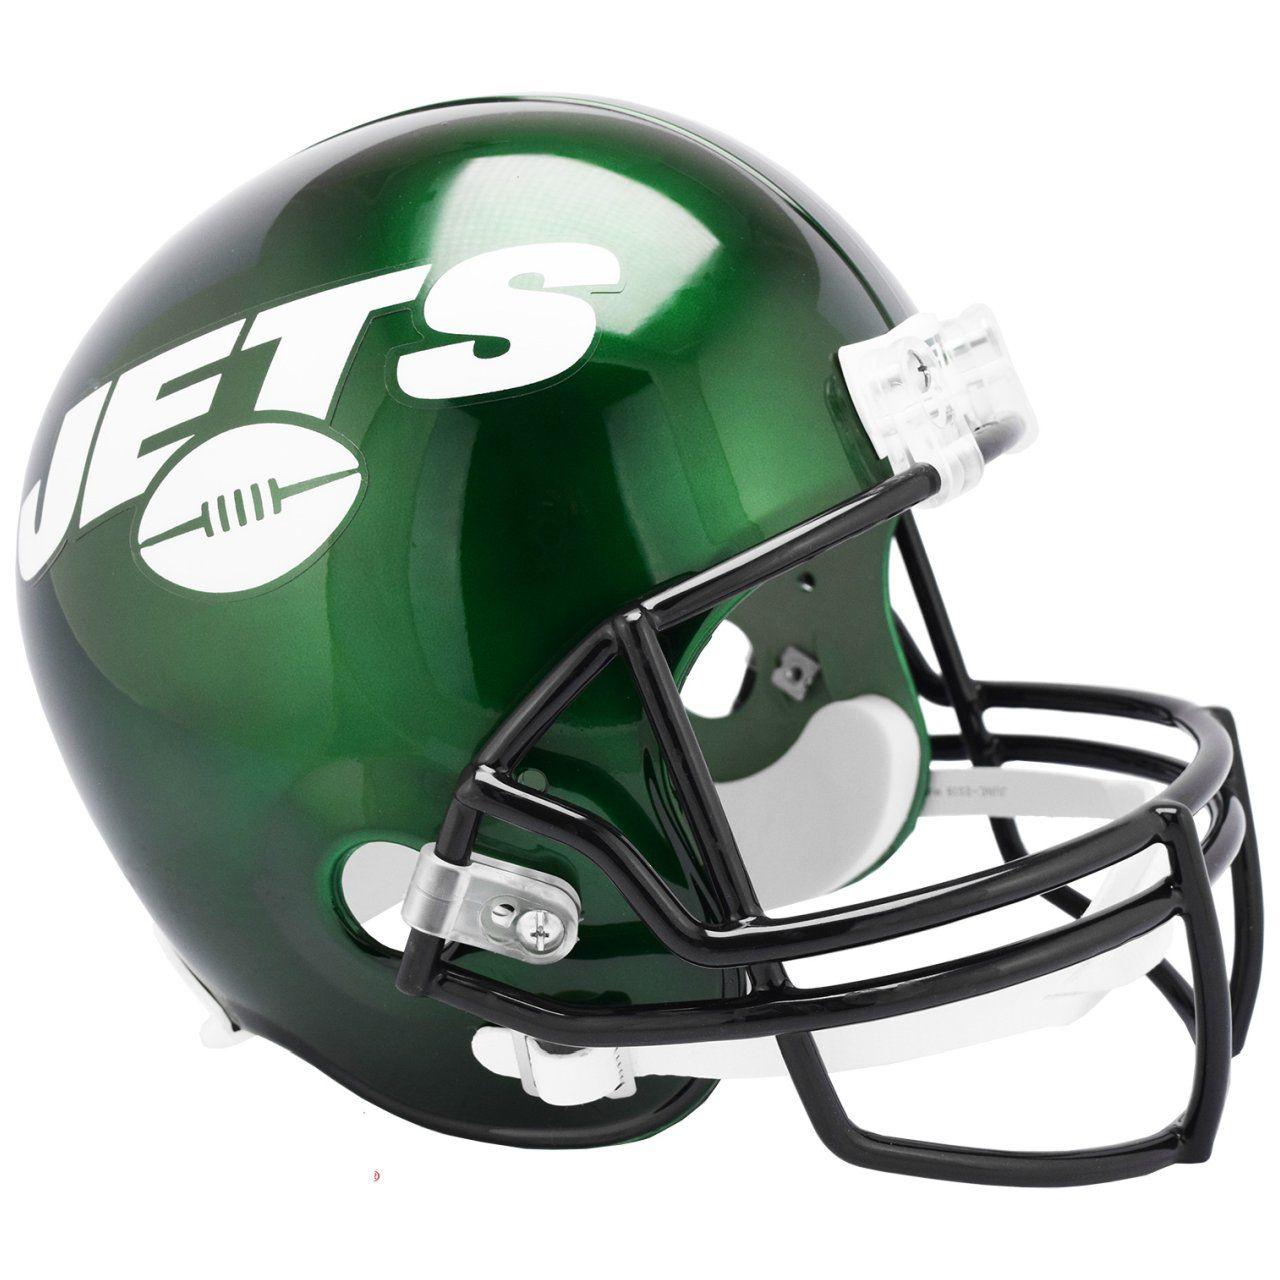 amfoo - Riddell VSR4 Replica Football Helm - NFL New York Jets